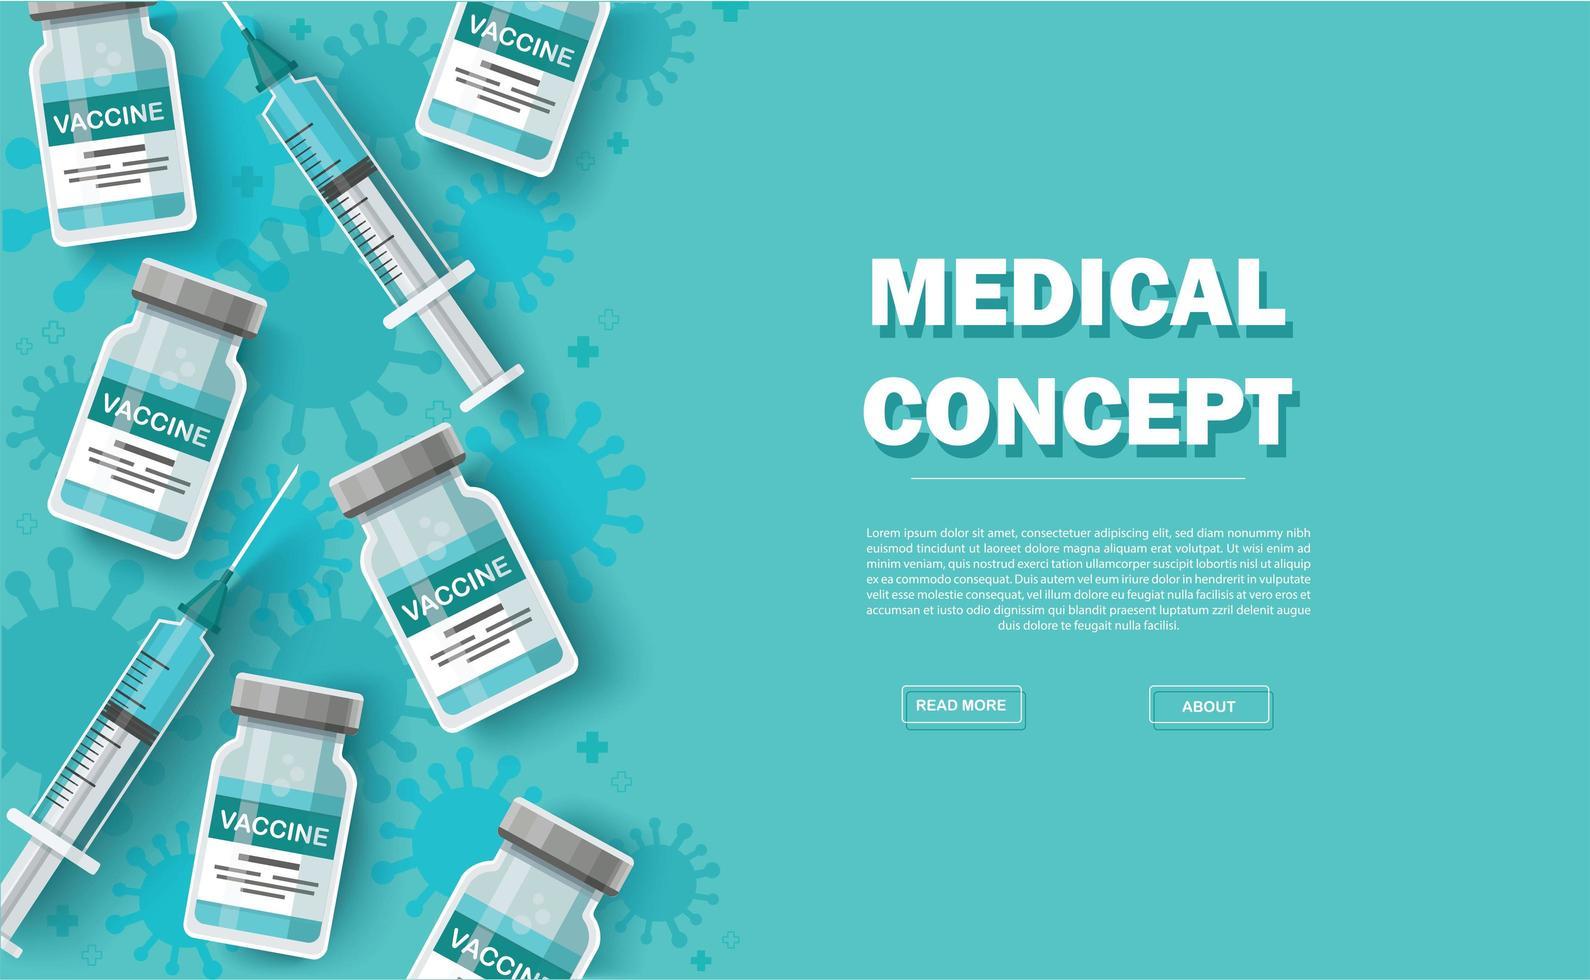 antecedentes de la vacuna. concepto de vacunación. cuidado y protección de la salud. ilustración vectorial vector